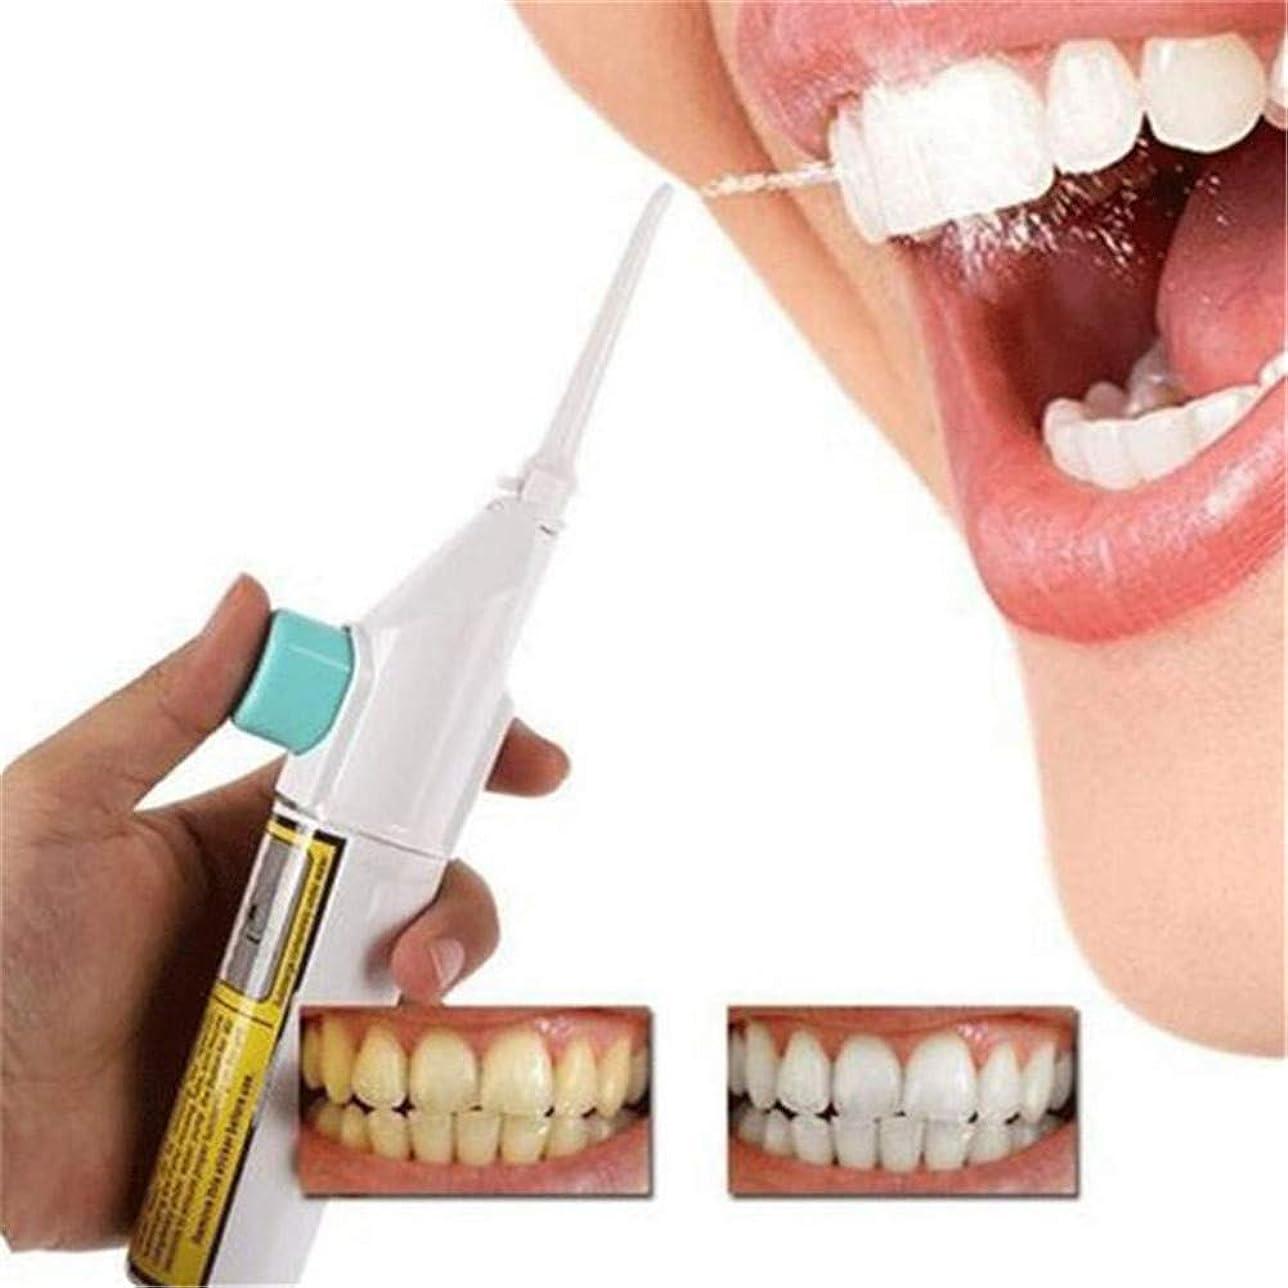 競うピストンコイン口頭洗浄器、家族旅行のために適したコードレス歯科フロスのジェット機を白くする携帯用電動歯の洗剤の歯